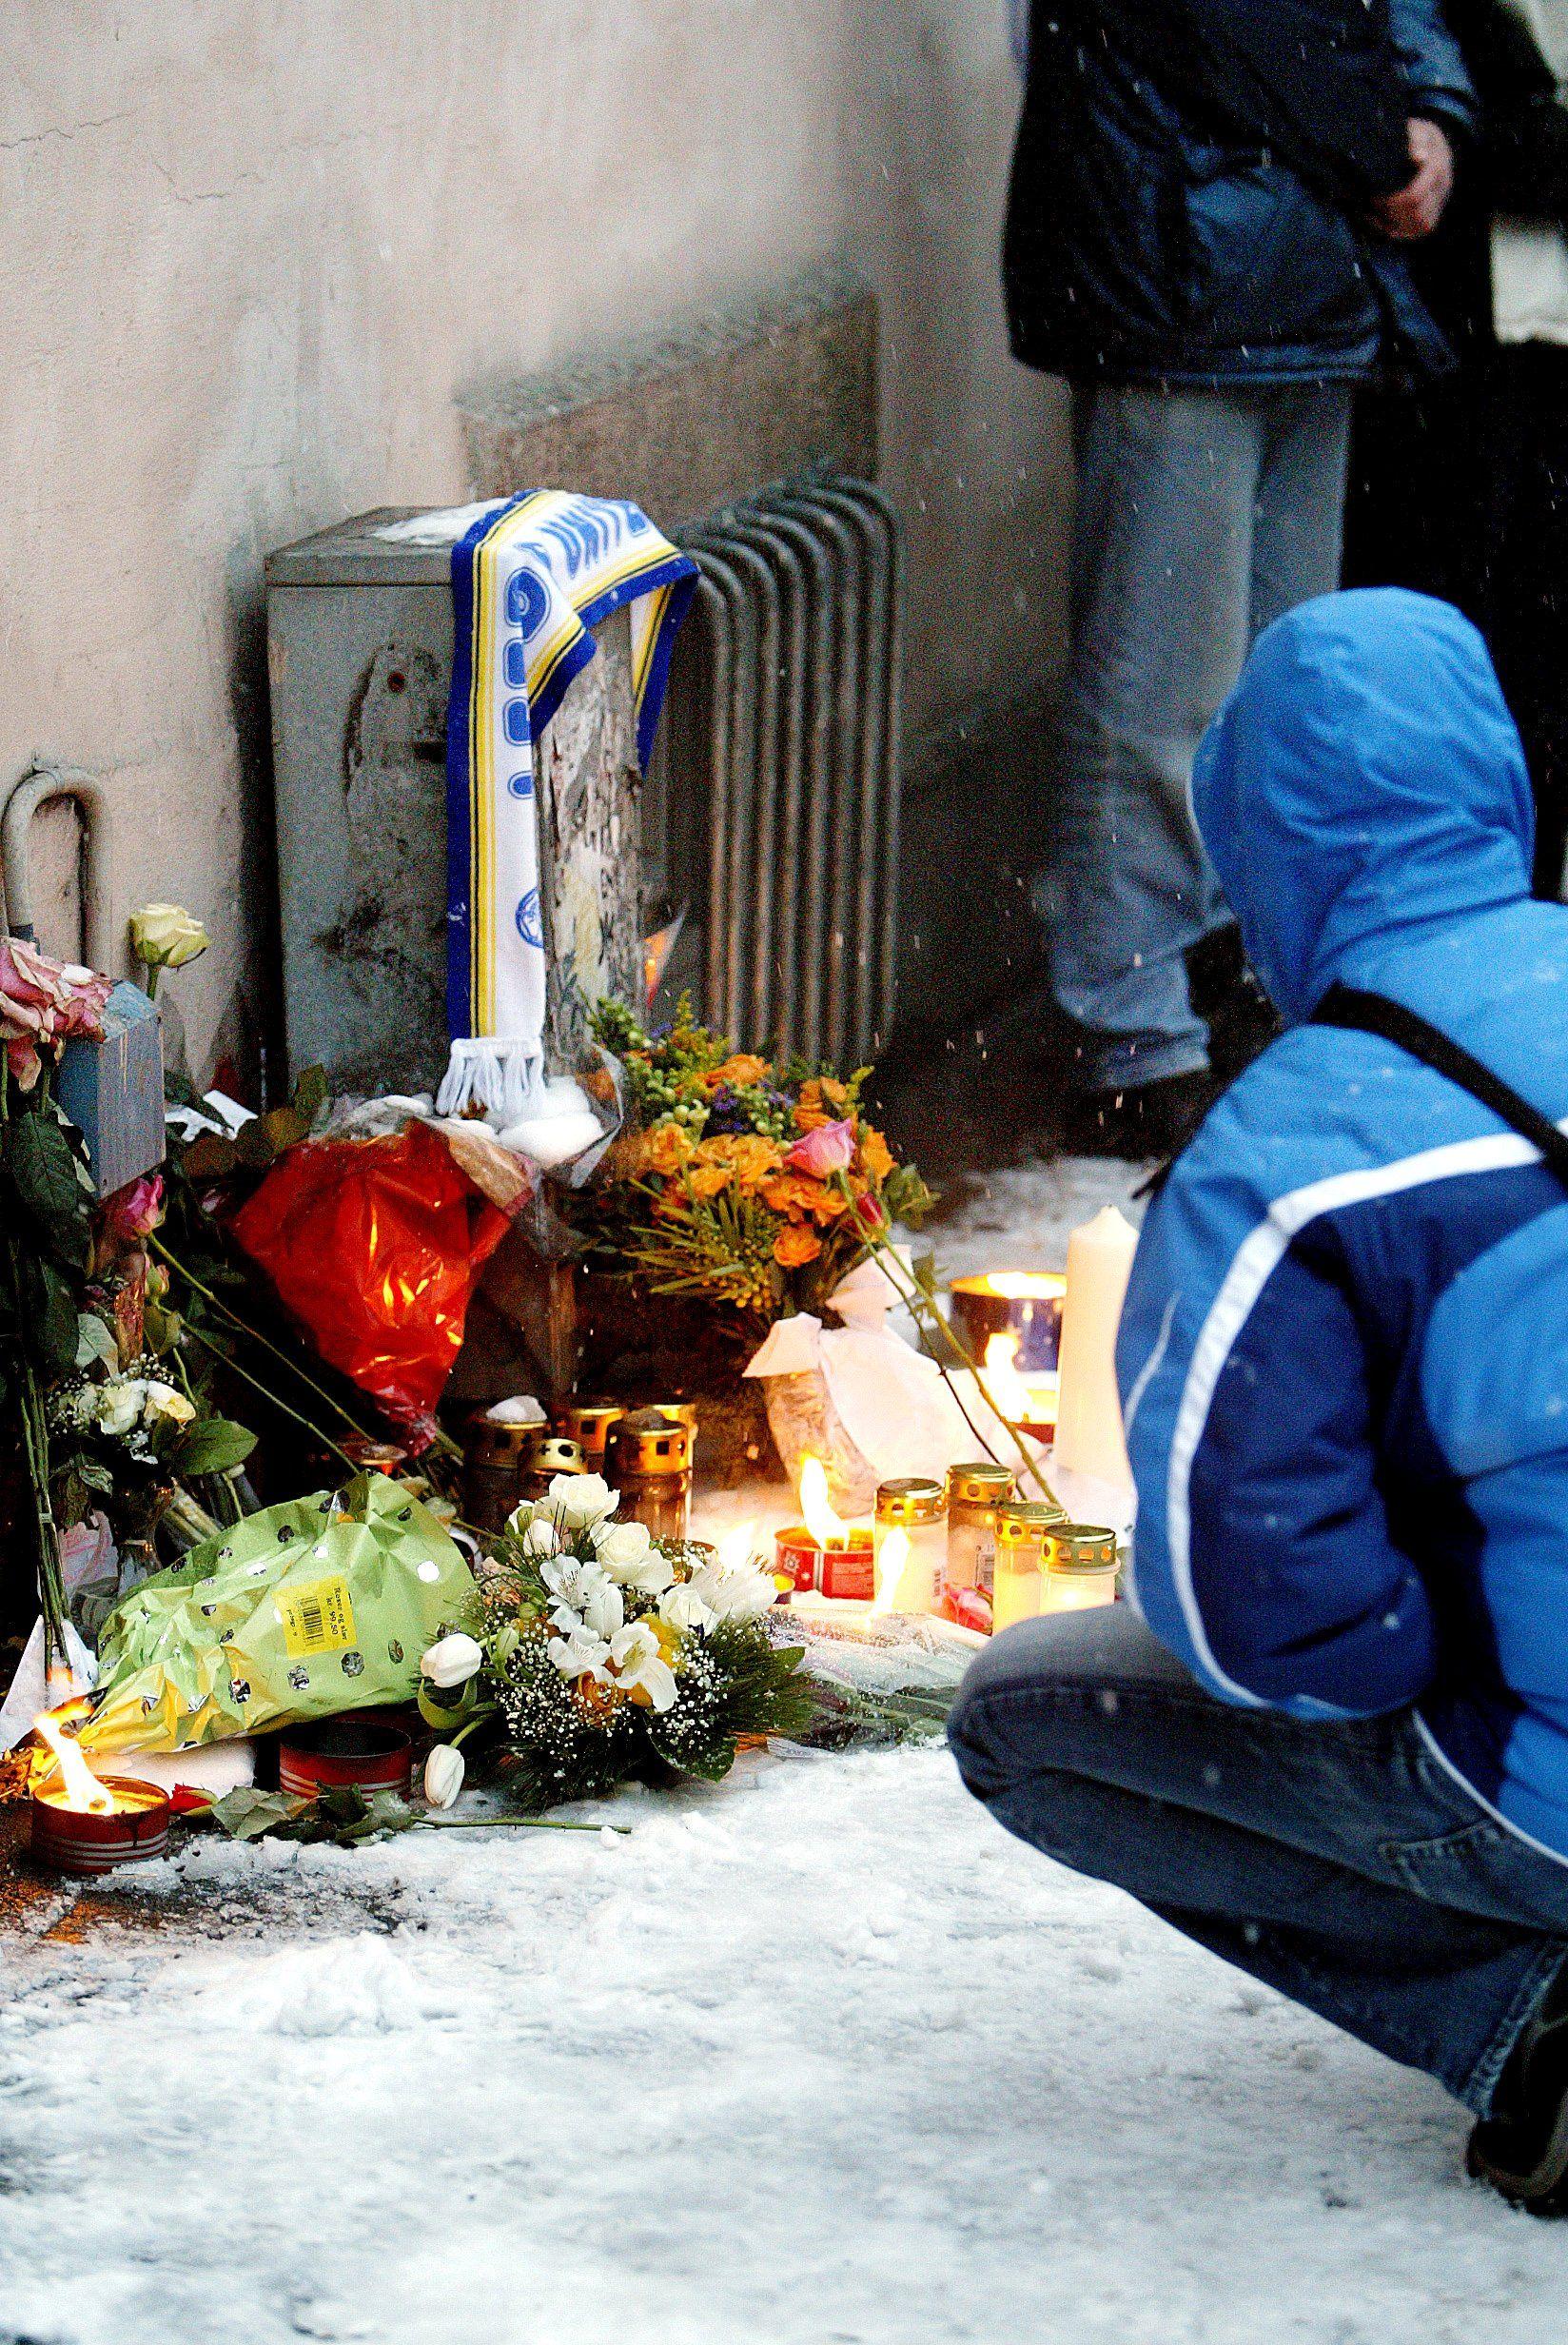 MINNEMARSJ: Her blir blomster og lys lagt på åstedet etter drapet, til minne om Egil.